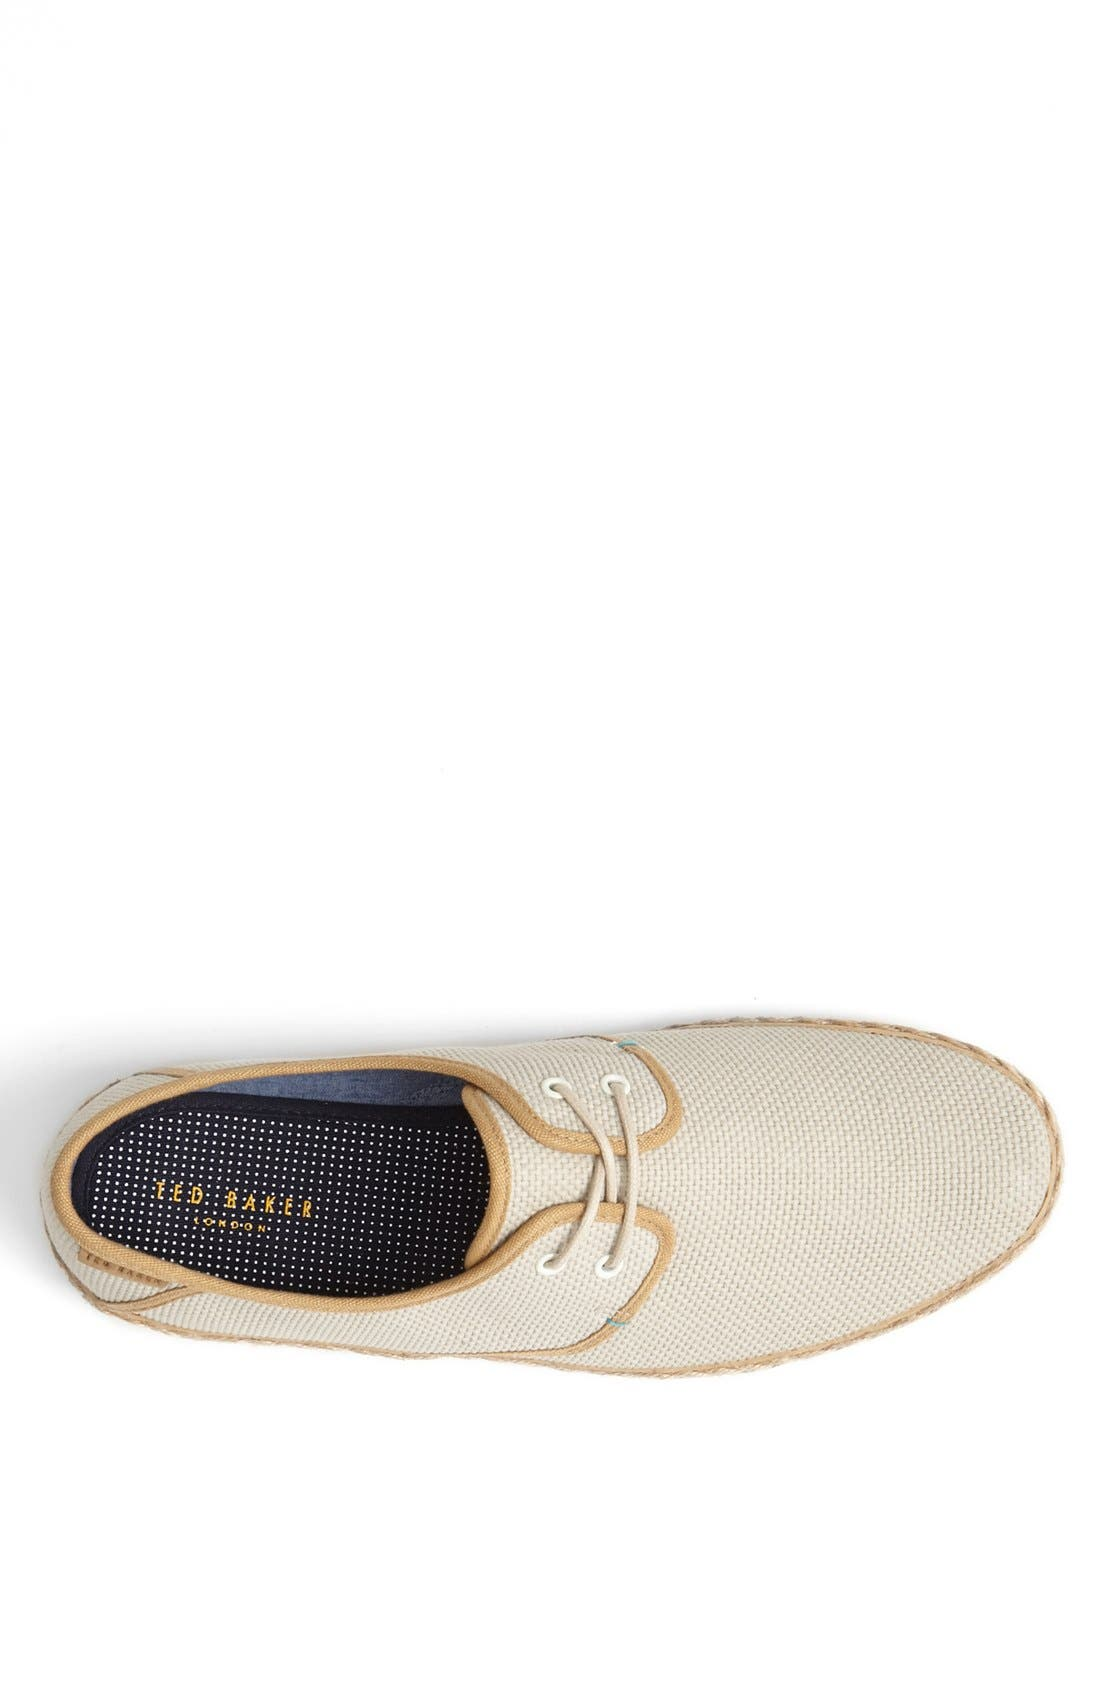 Alternate Image 2  - Ted Baker London 'Drilll 2' Espadrille Sneaker